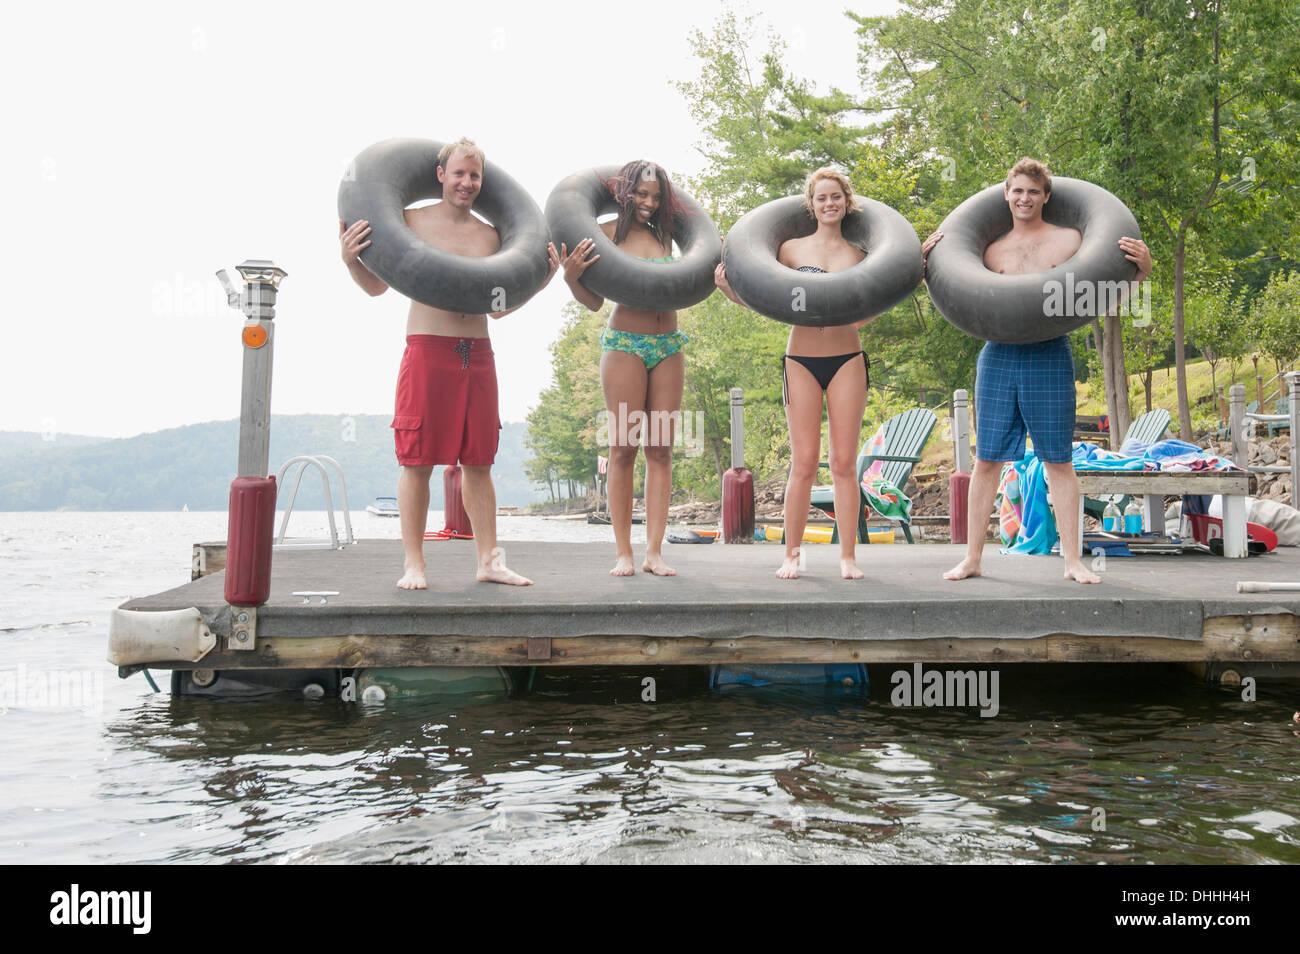 Freunde am Hafenkai mit aufblasbaren Ringen um Hals Stockbild